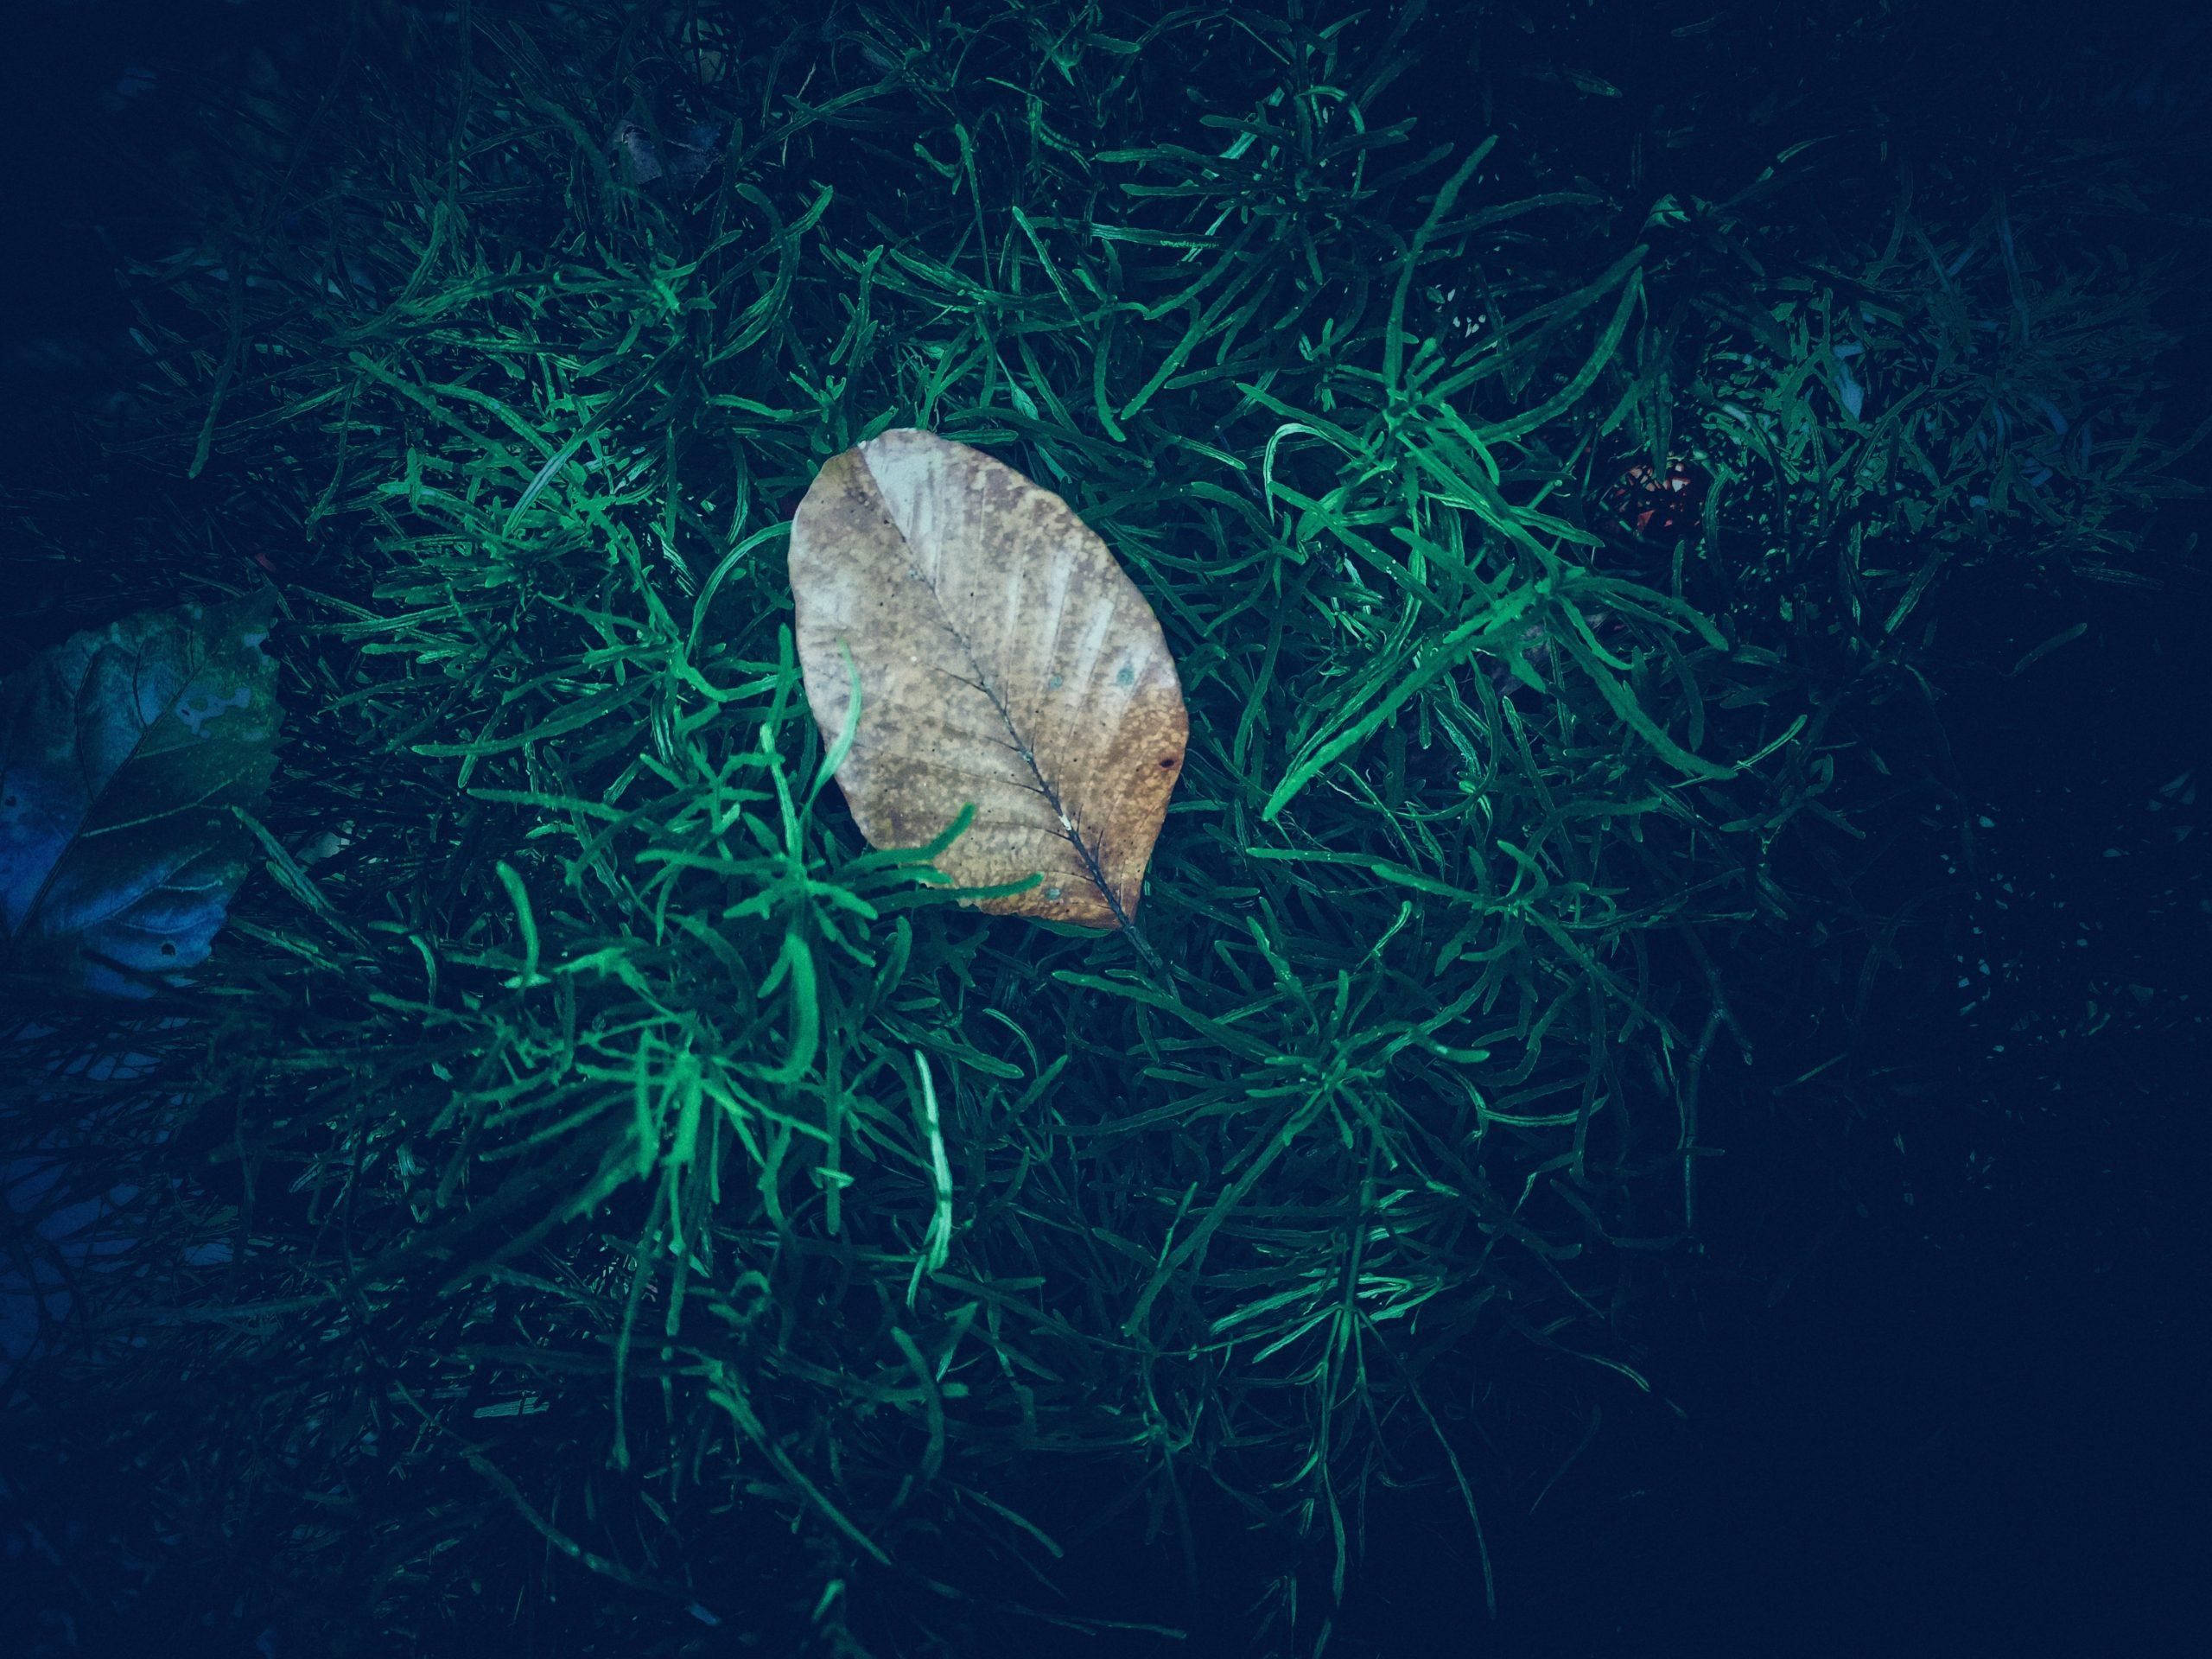 Dried leaf amid lush foliage